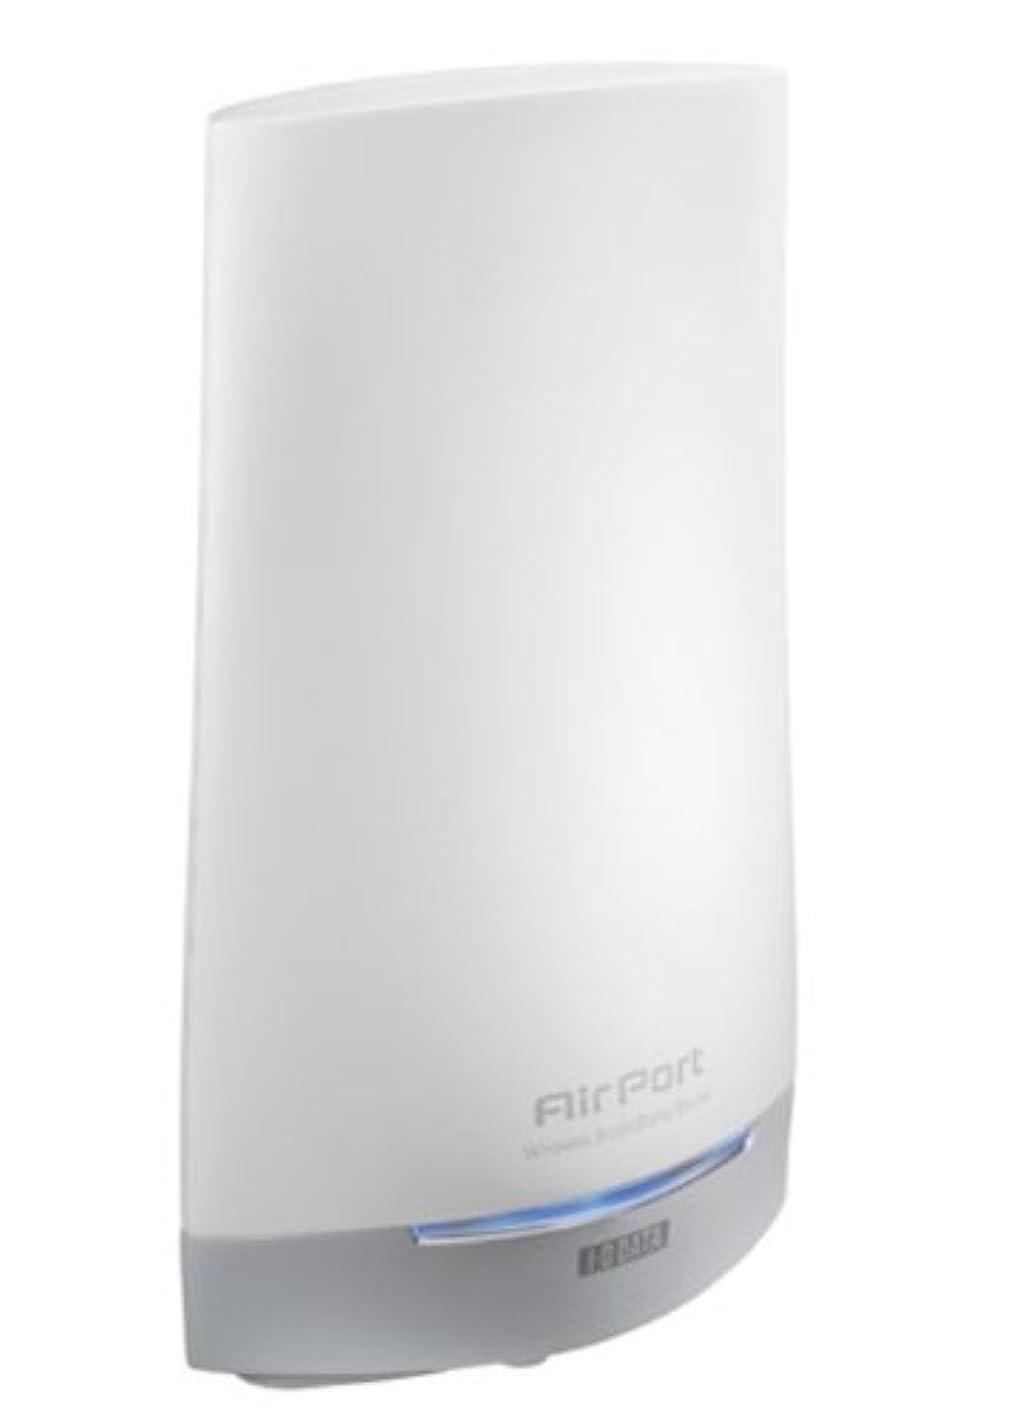 球体少なくともサーキュレーションI-O DATA nテクノロジー対応 150Mbps(規格値) 無線LANルーター&アダプター WN-G150R-U 【旧モデル】